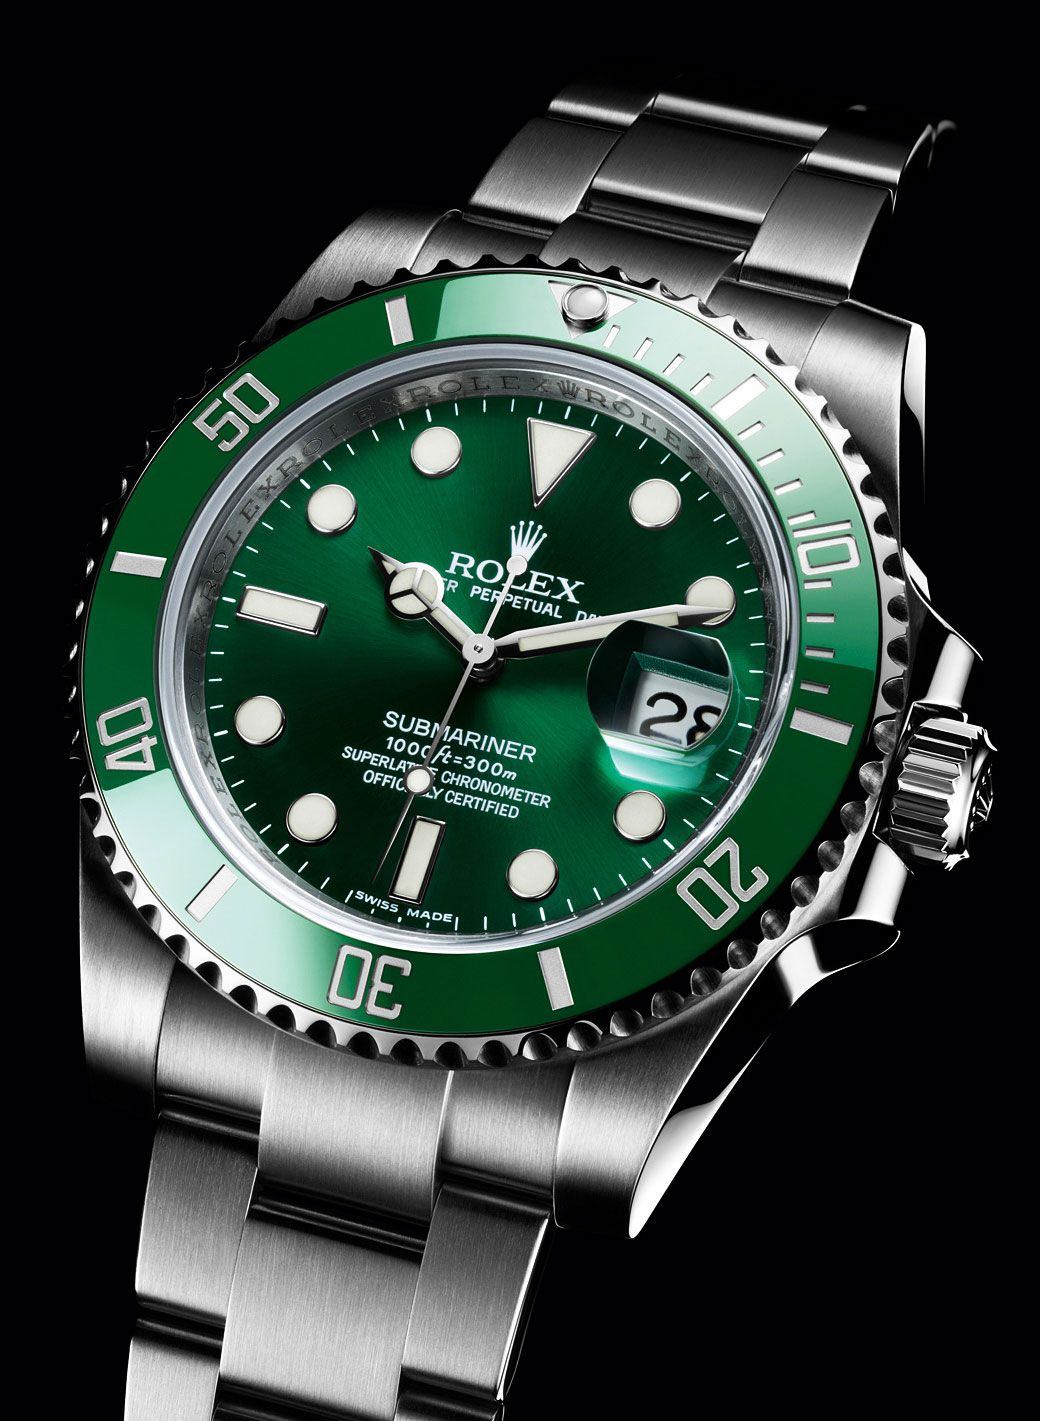 Rolex Men's Submariner Price